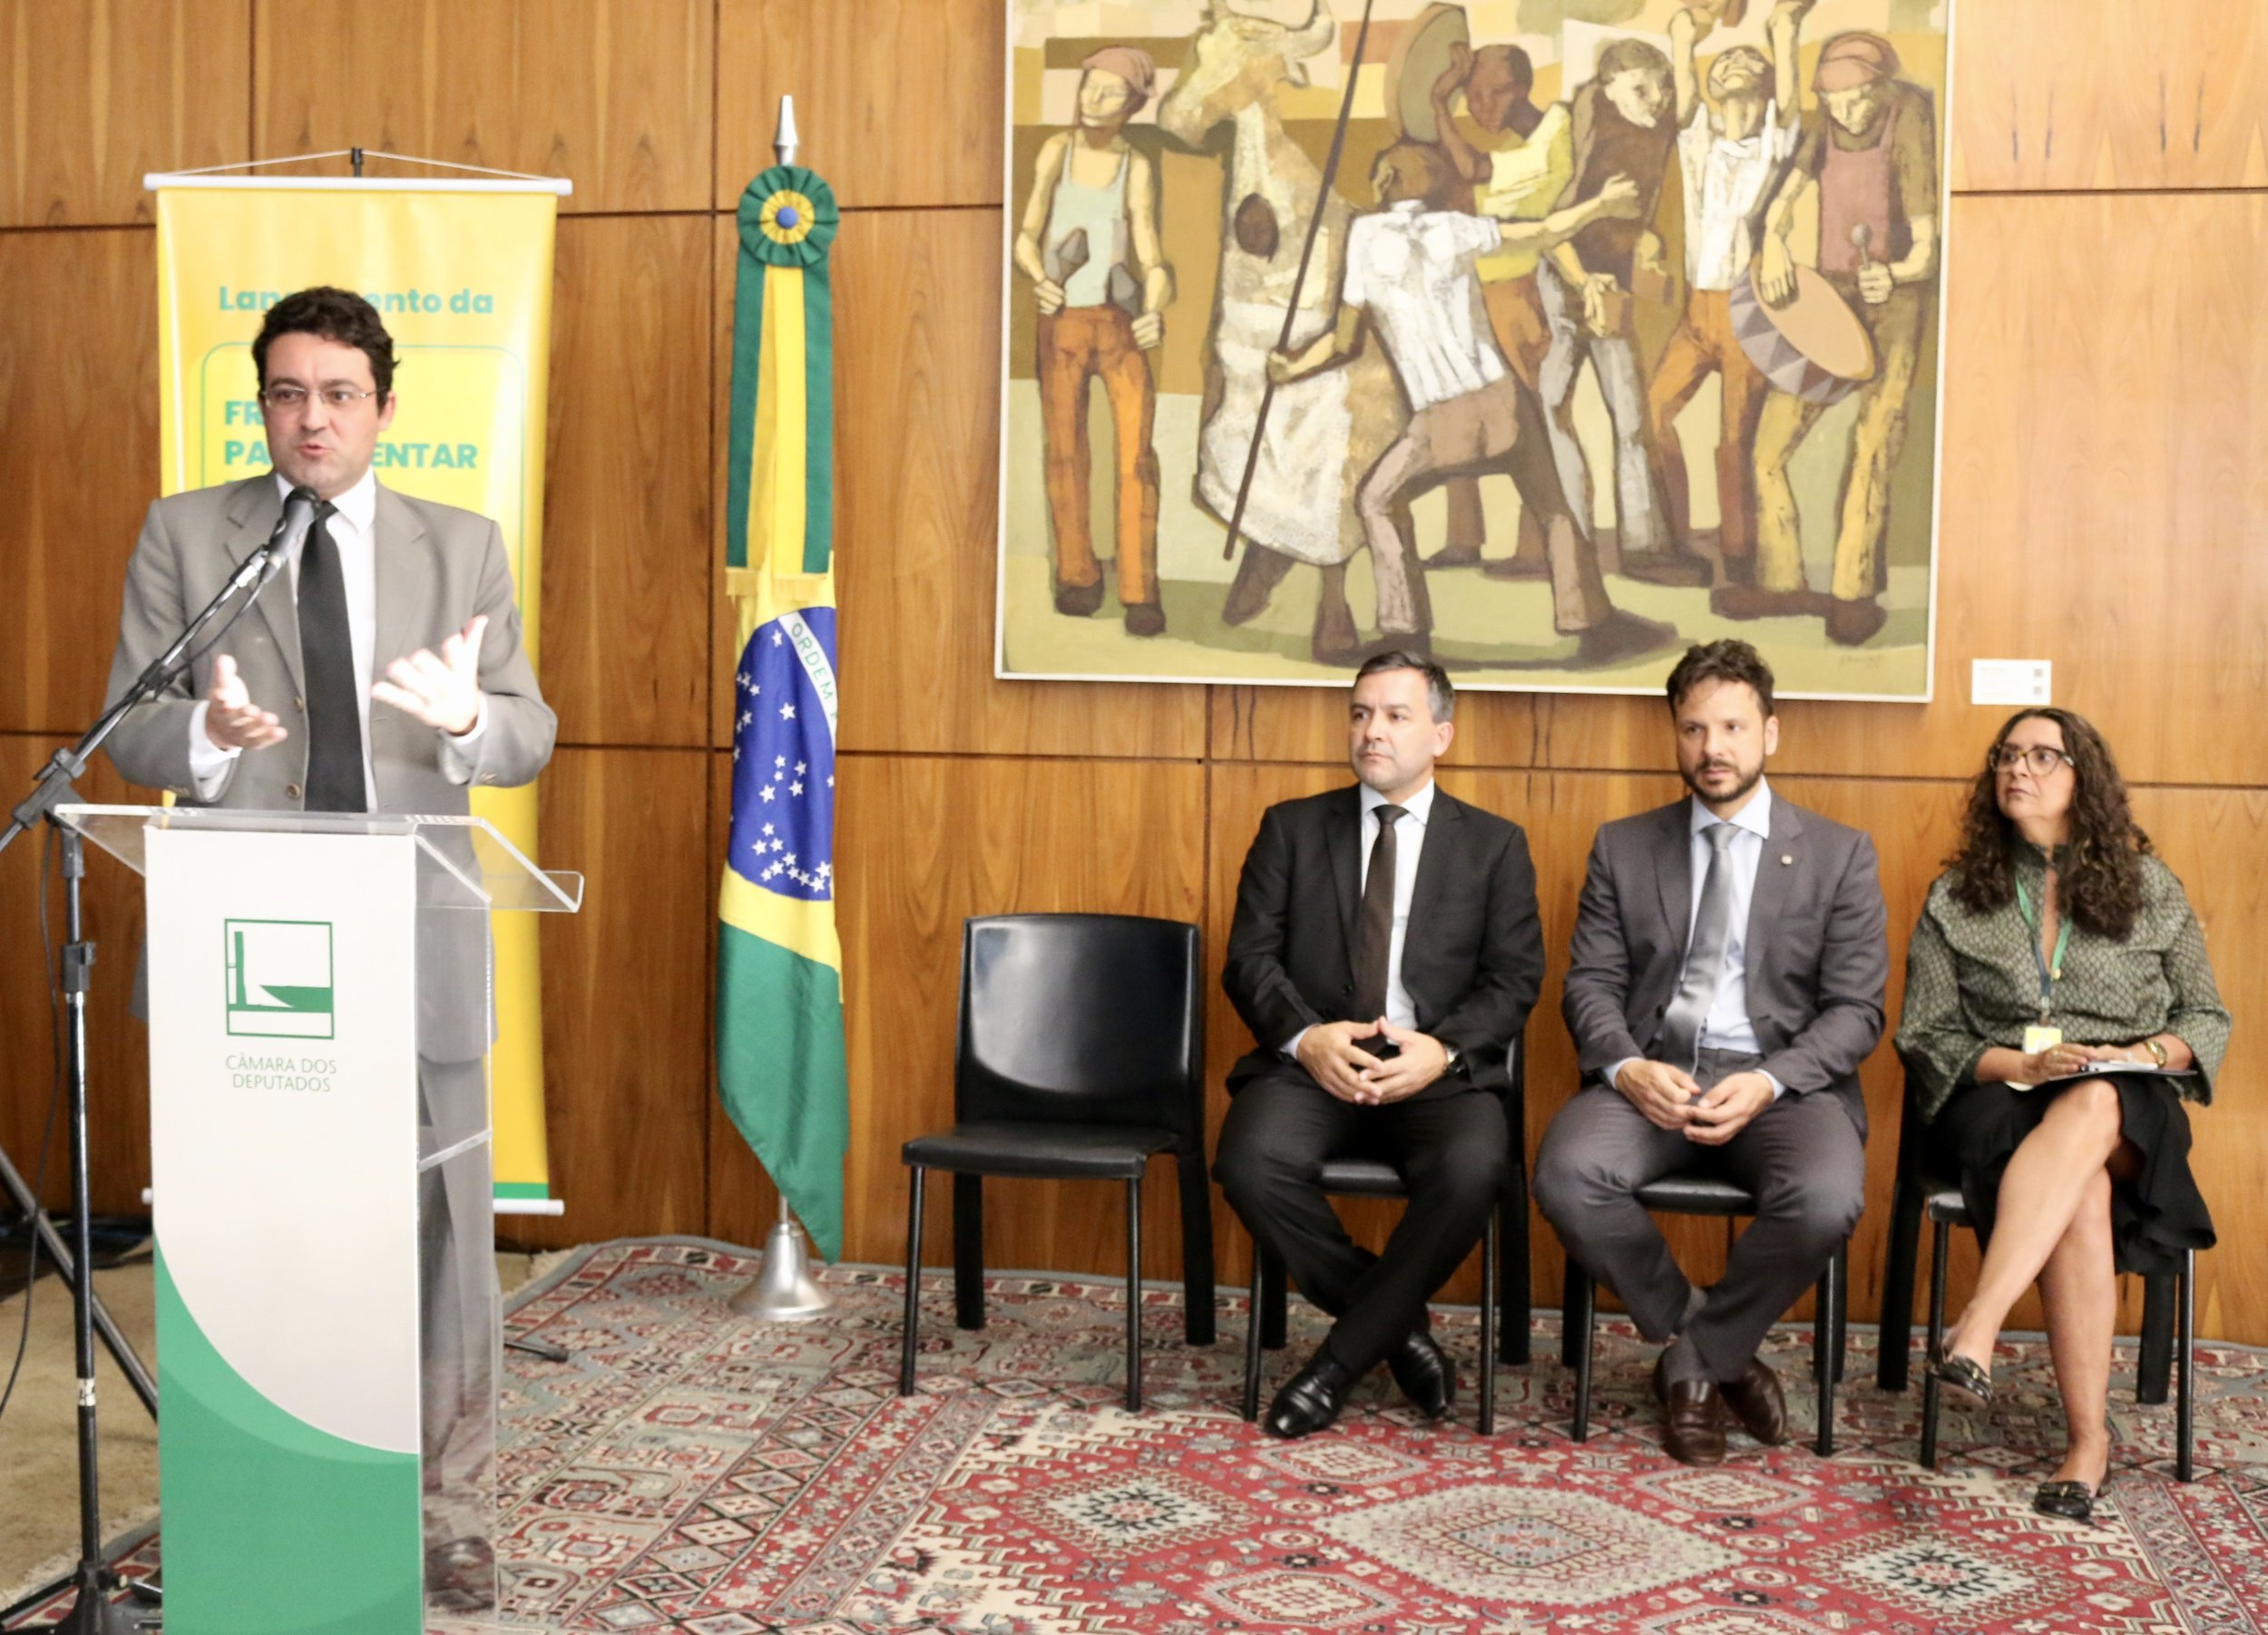 Alex Canuto em discurso durante a cerimônia de lançamento da Frente Parlamentar